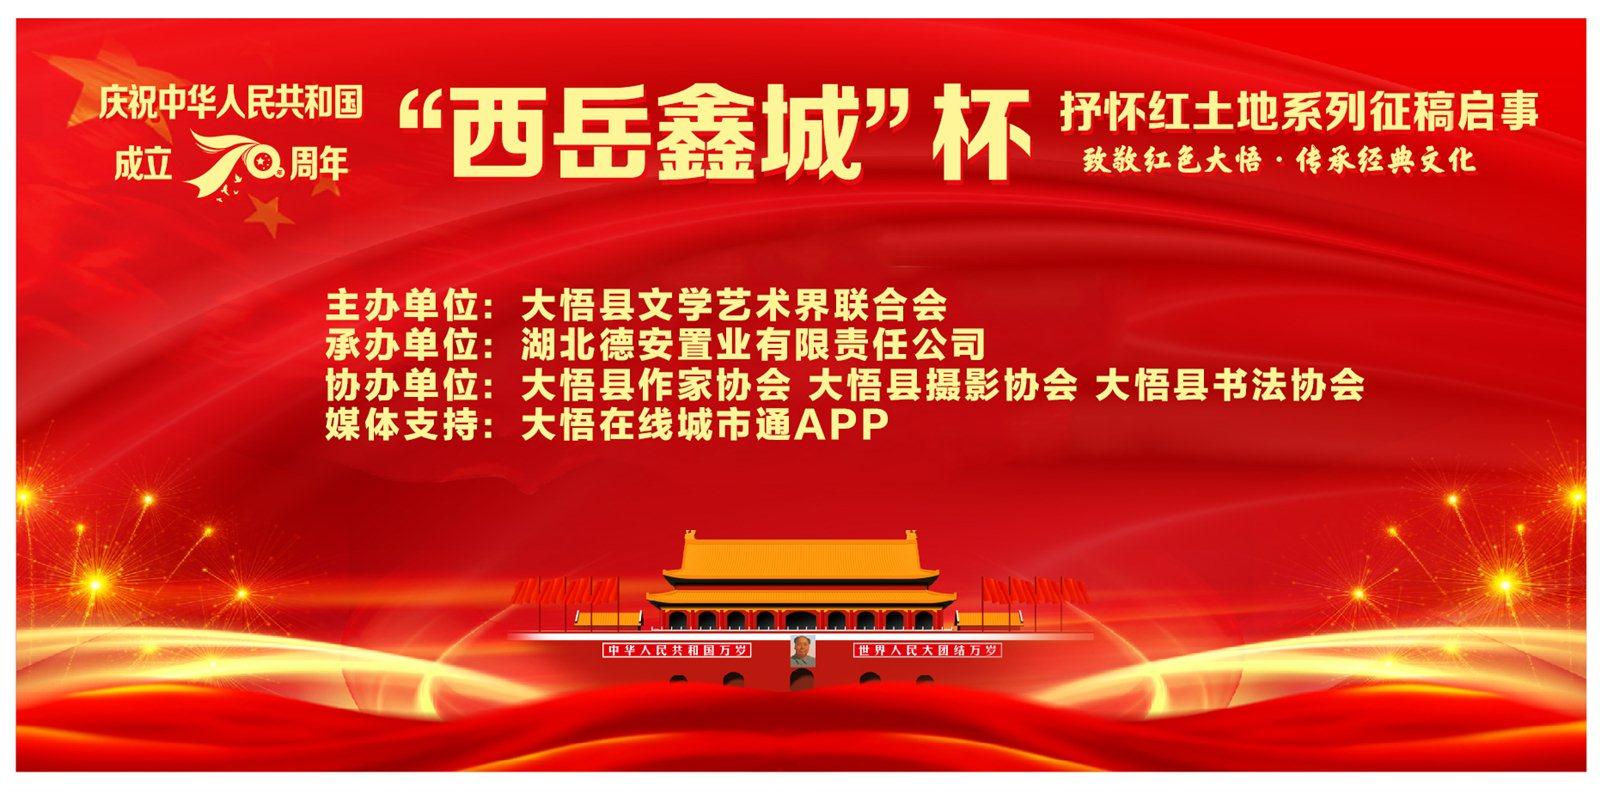 """大悟""""西岳鑫城""""杯.�c祝建��70周年 抒�鸭t土地系列征稿�⑹�"""